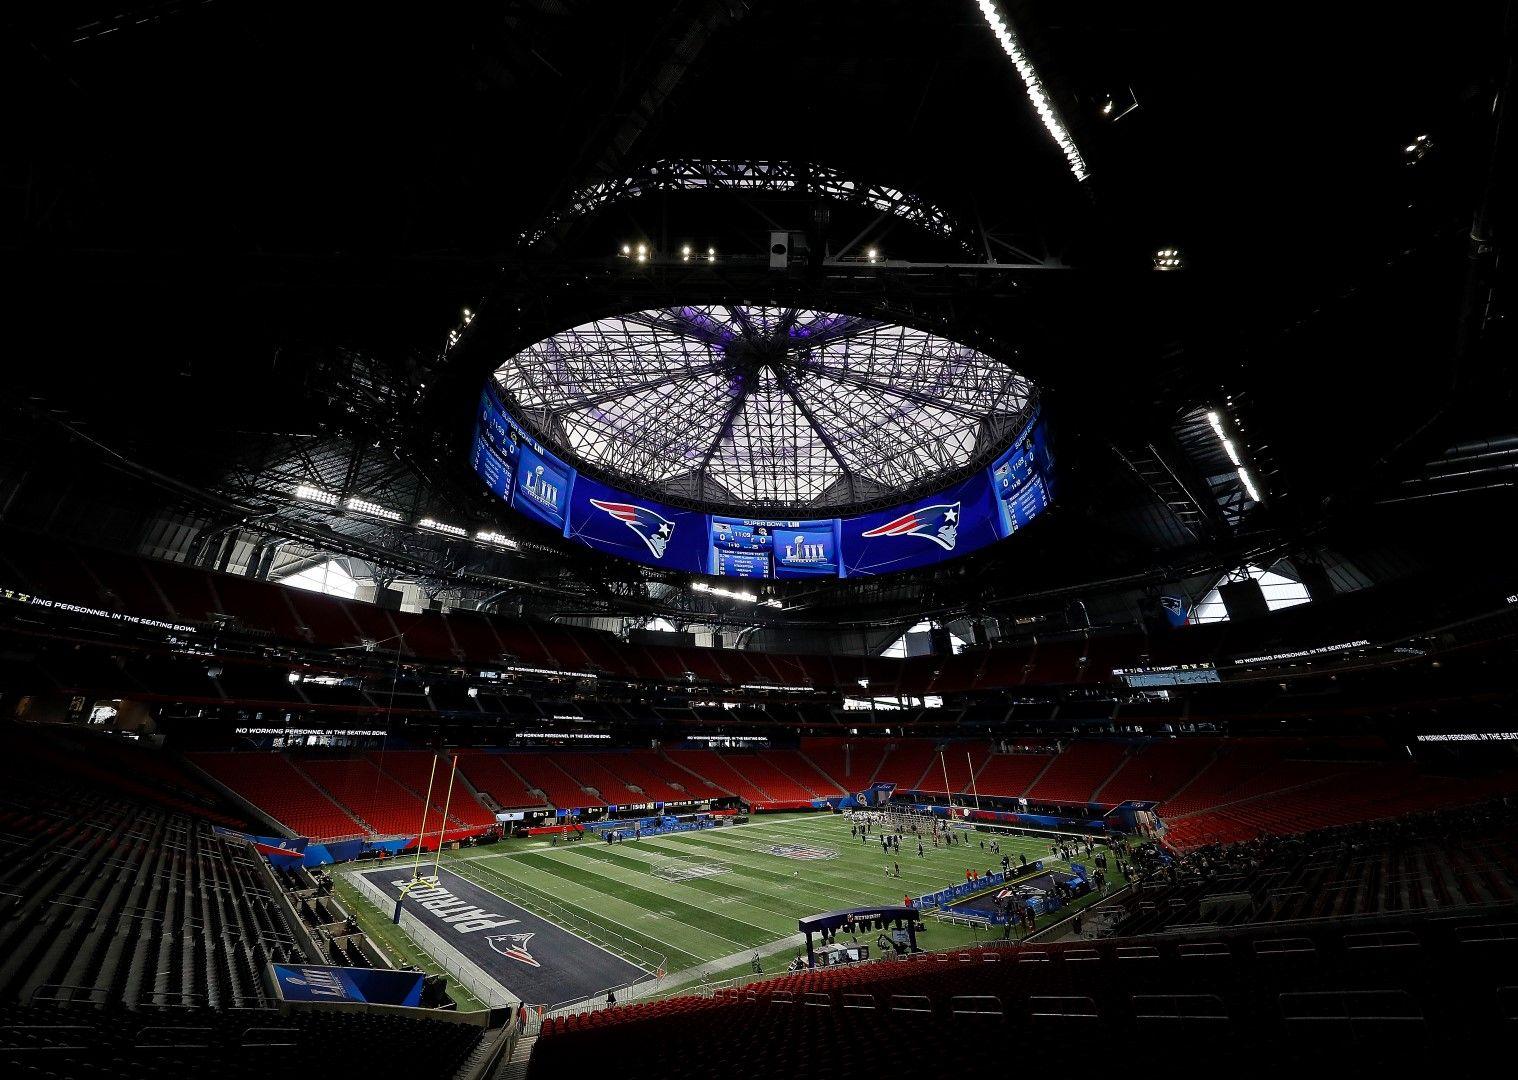 """Този подвижен покрив на """"Мерцедес Бенз Арена"""" в Атланта е може би един от най-красивите в света. Стадионът е чисто нов - открит през август 2017-а и е дом на Атланта Фалконс (американски футбол) и Атланта Юнайтед (футбол). Именно развитието на футболния отбор налага строежа на страхотното съоражение, на което се игра и последният Супербоул."""